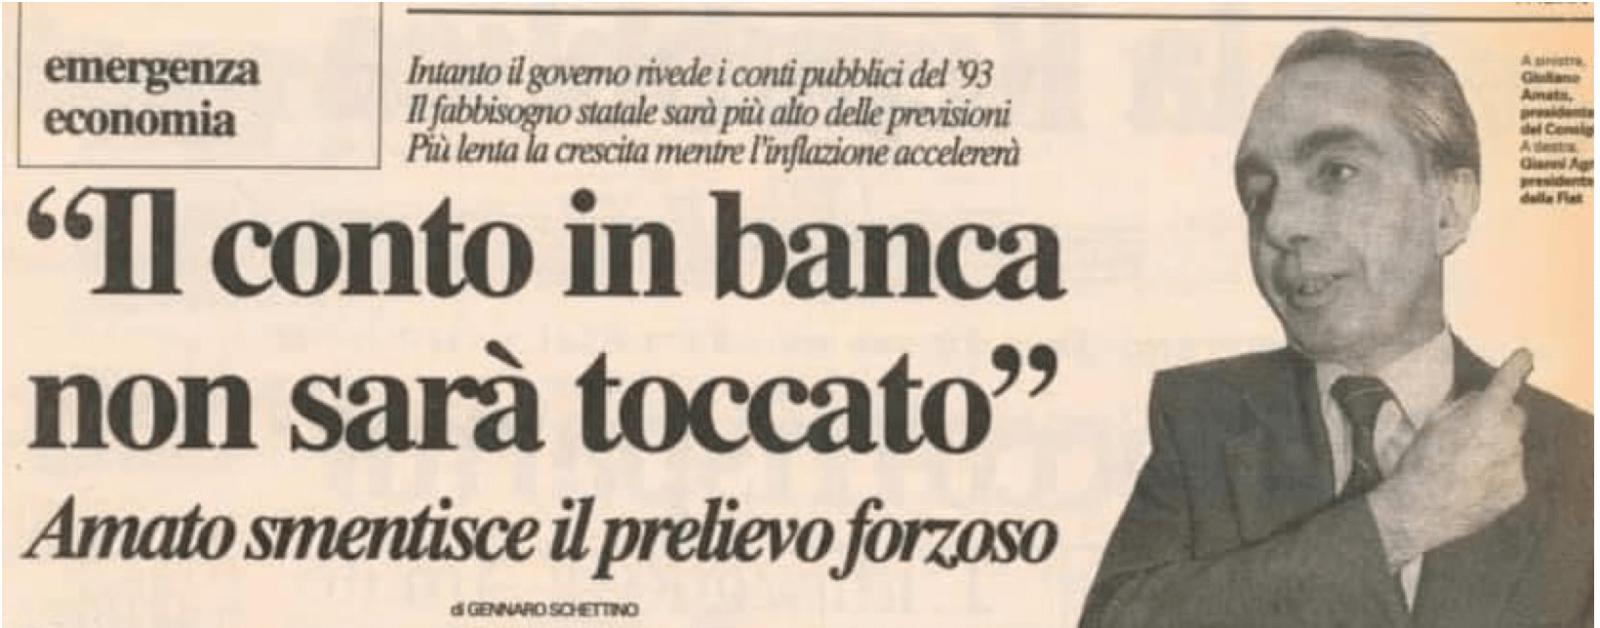 articolo de ilsole24ore del 92 la patrimoniale di Giuliano Amato